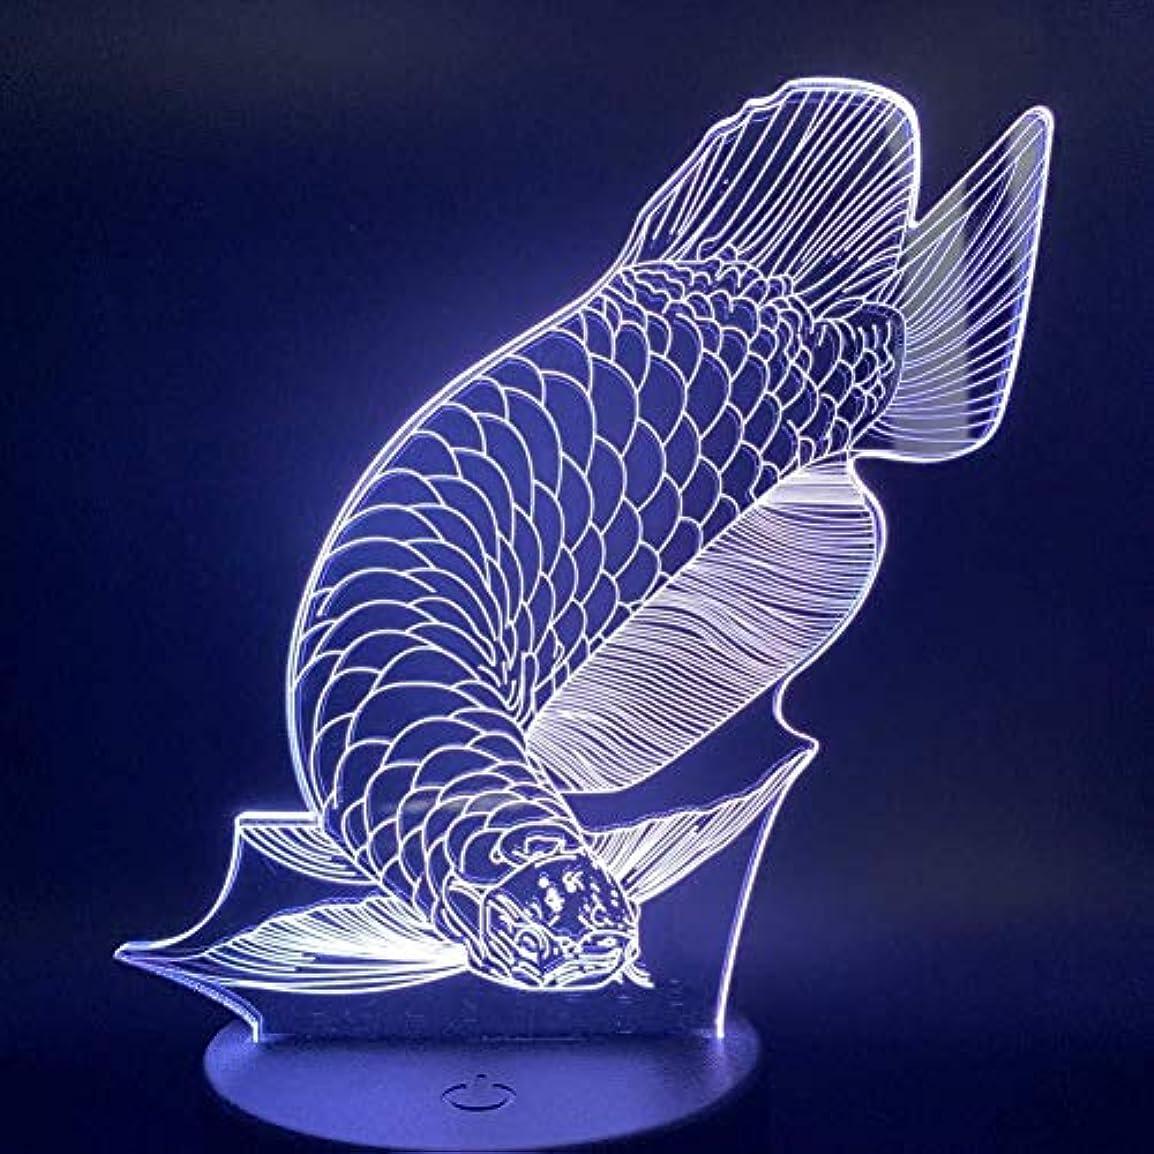 クランプ顎ステッチ3Dイリュージョンランプラブリー魚ナイトライトキッズギフトリビングルーム動物ランプNightlights子供のギフト装飾LEDナイトライト